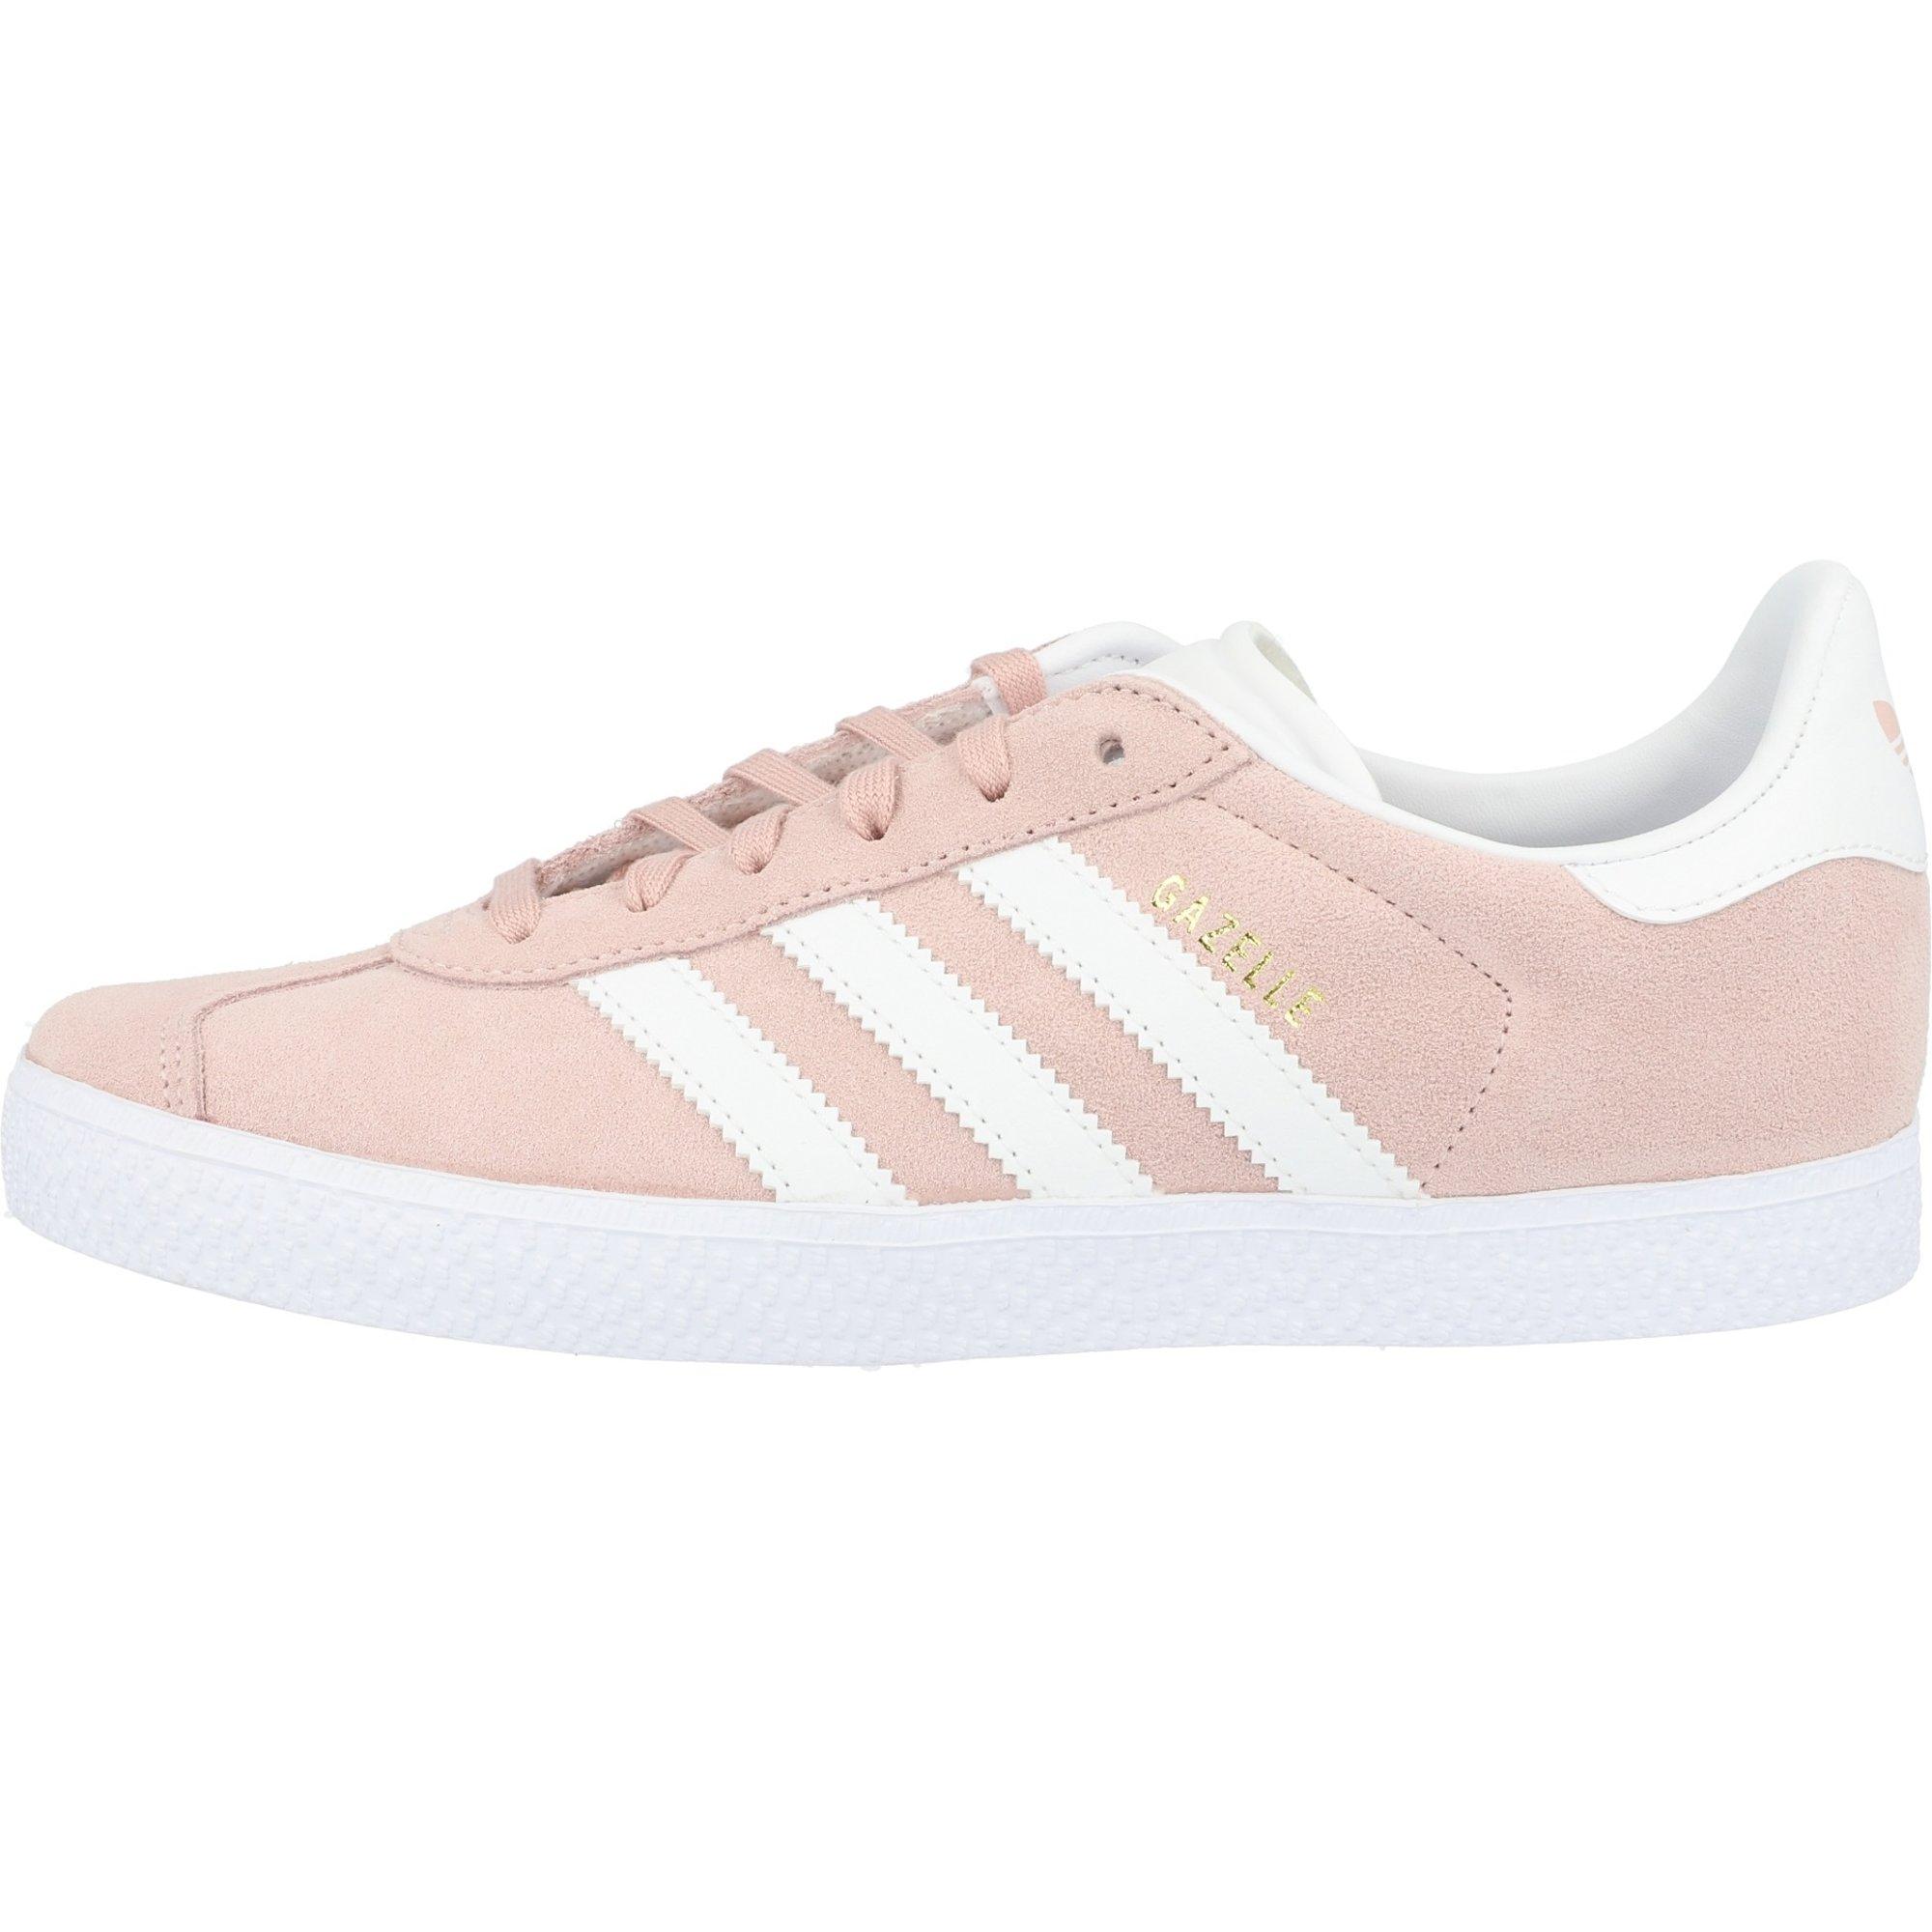 adidas superstar rosa metalizado